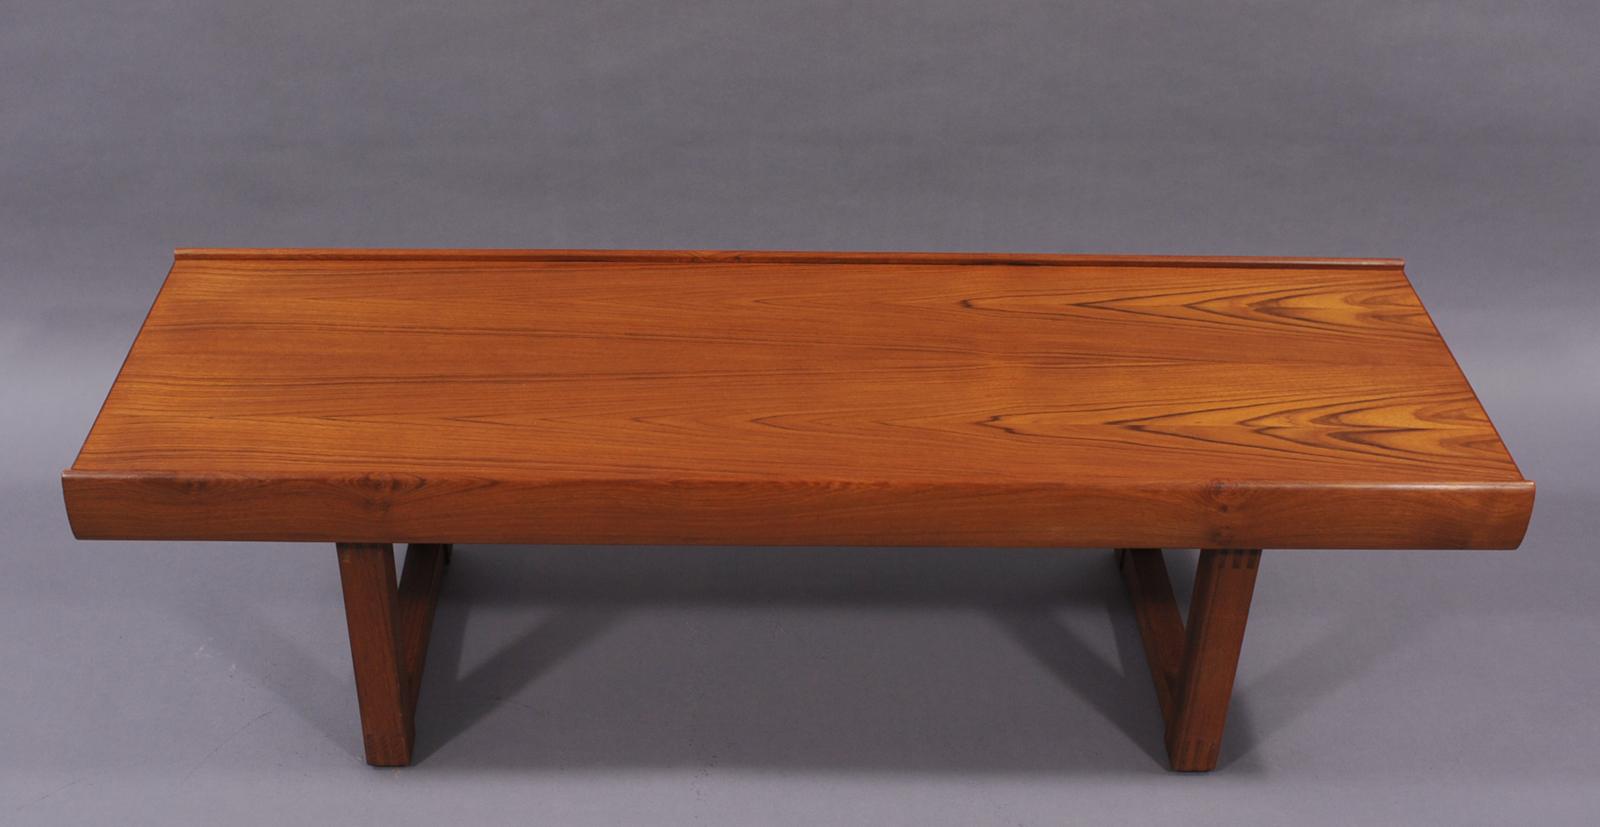 grande table basse des ann es 70 modulolab. Black Bedroom Furniture Sets. Home Design Ideas